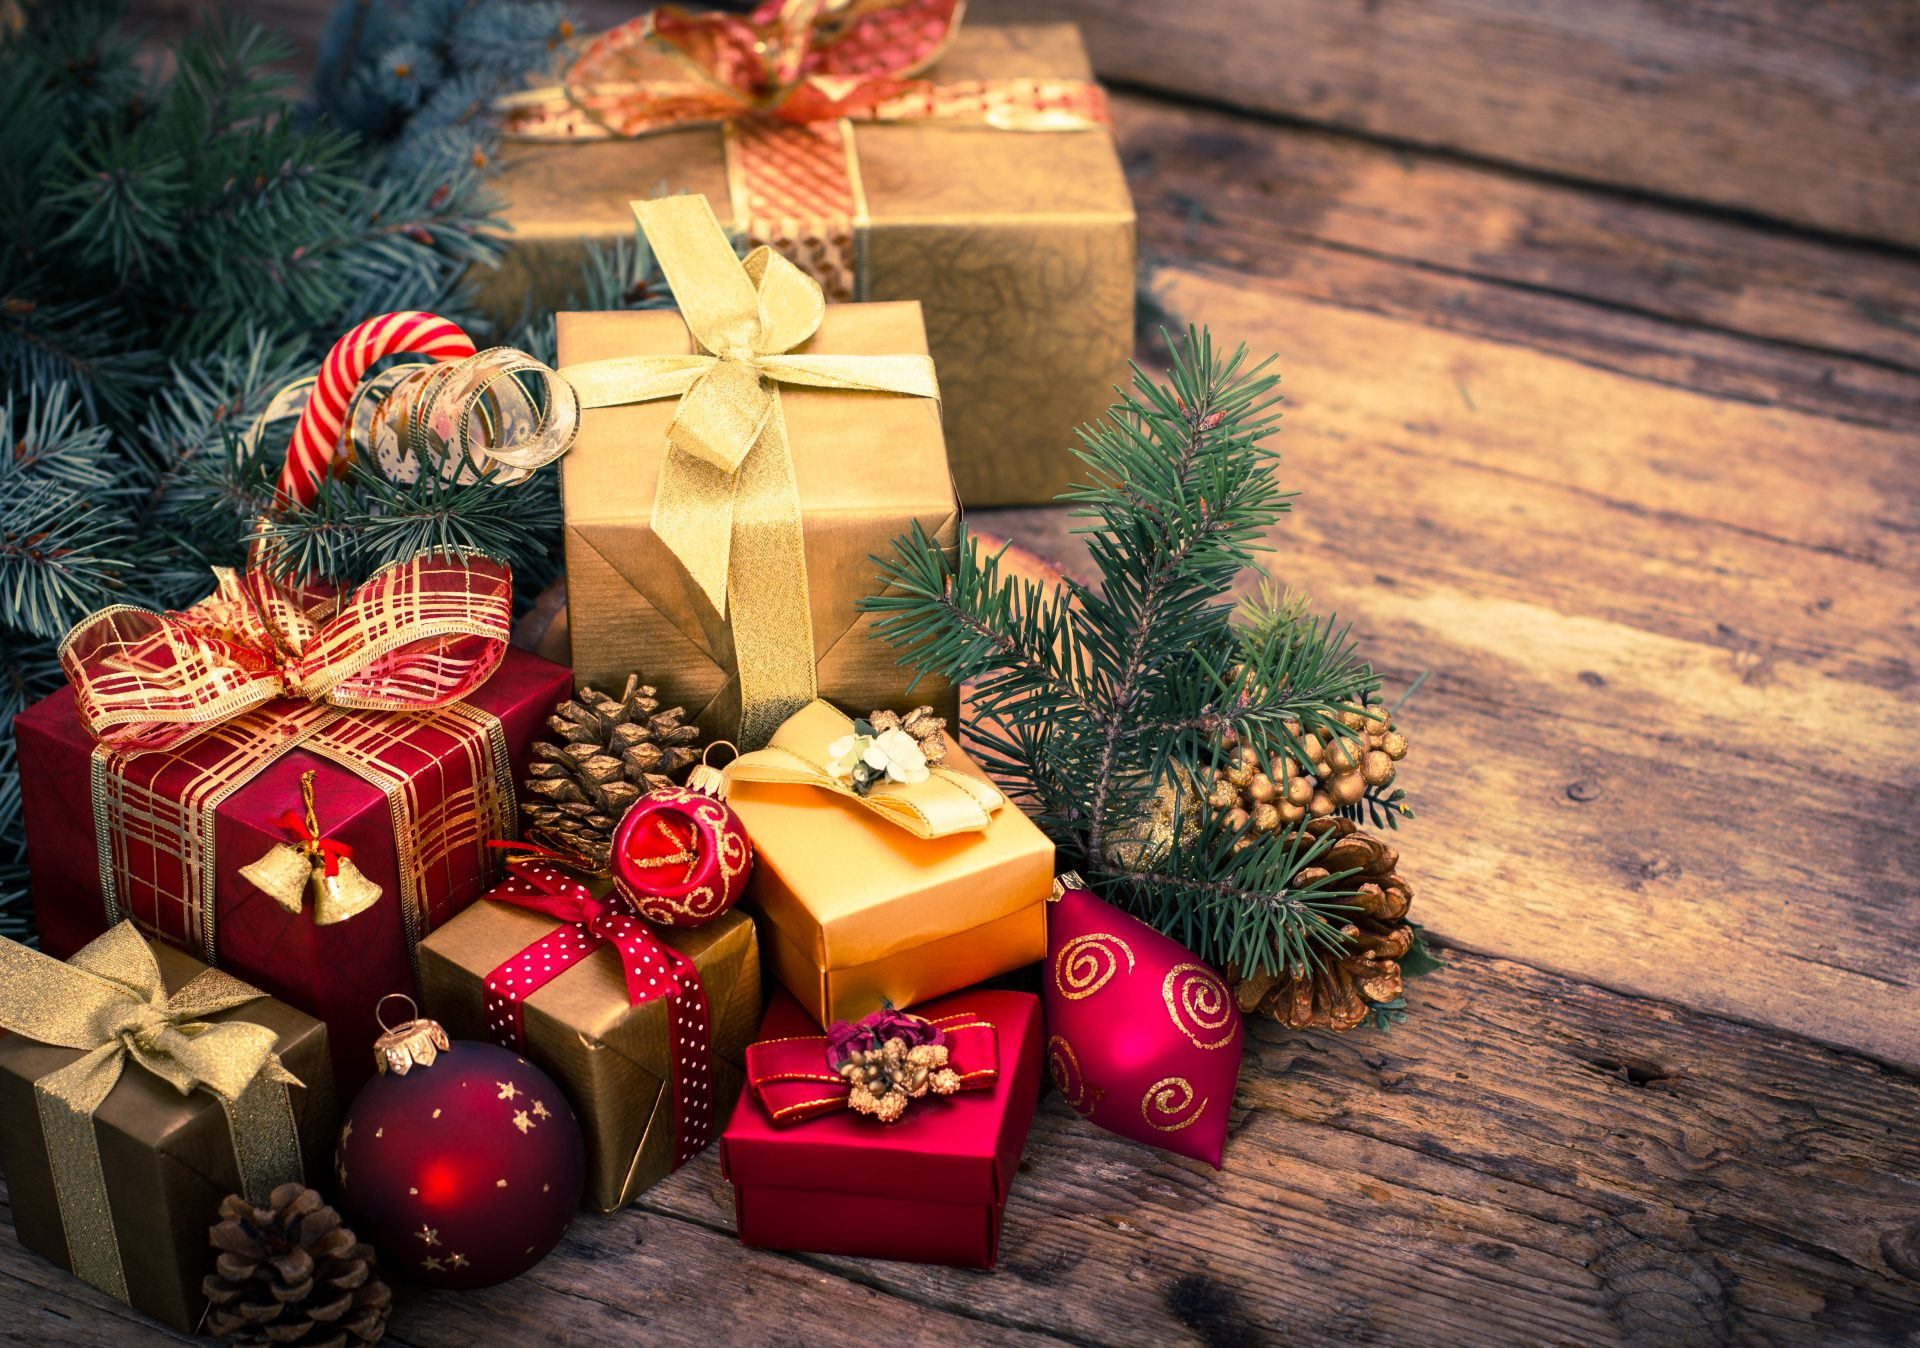 Відкриття головної ялинки, новорічний вечір та масові гуляння: як у  Нехворощанській ОТГ відзначатимуть Новий рік – Новини Полтавщини